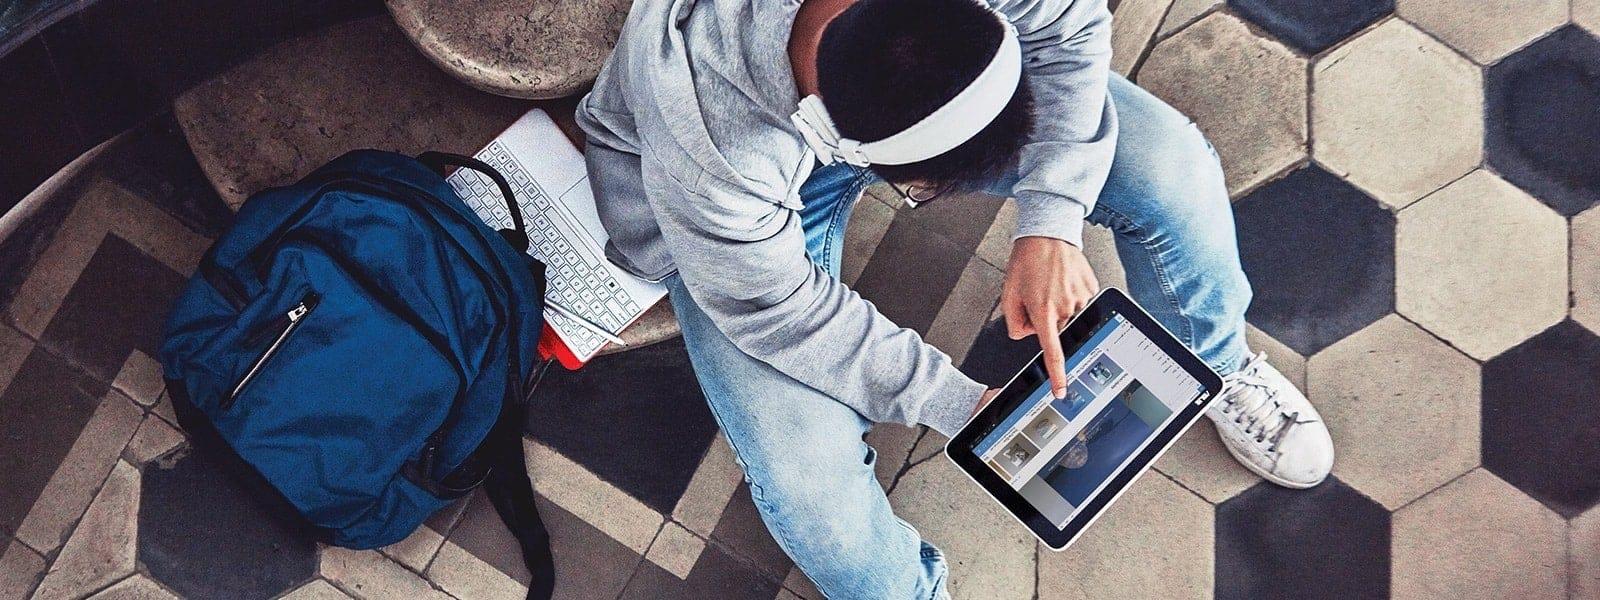 Studerende, der ser på en Windows 10-enhed